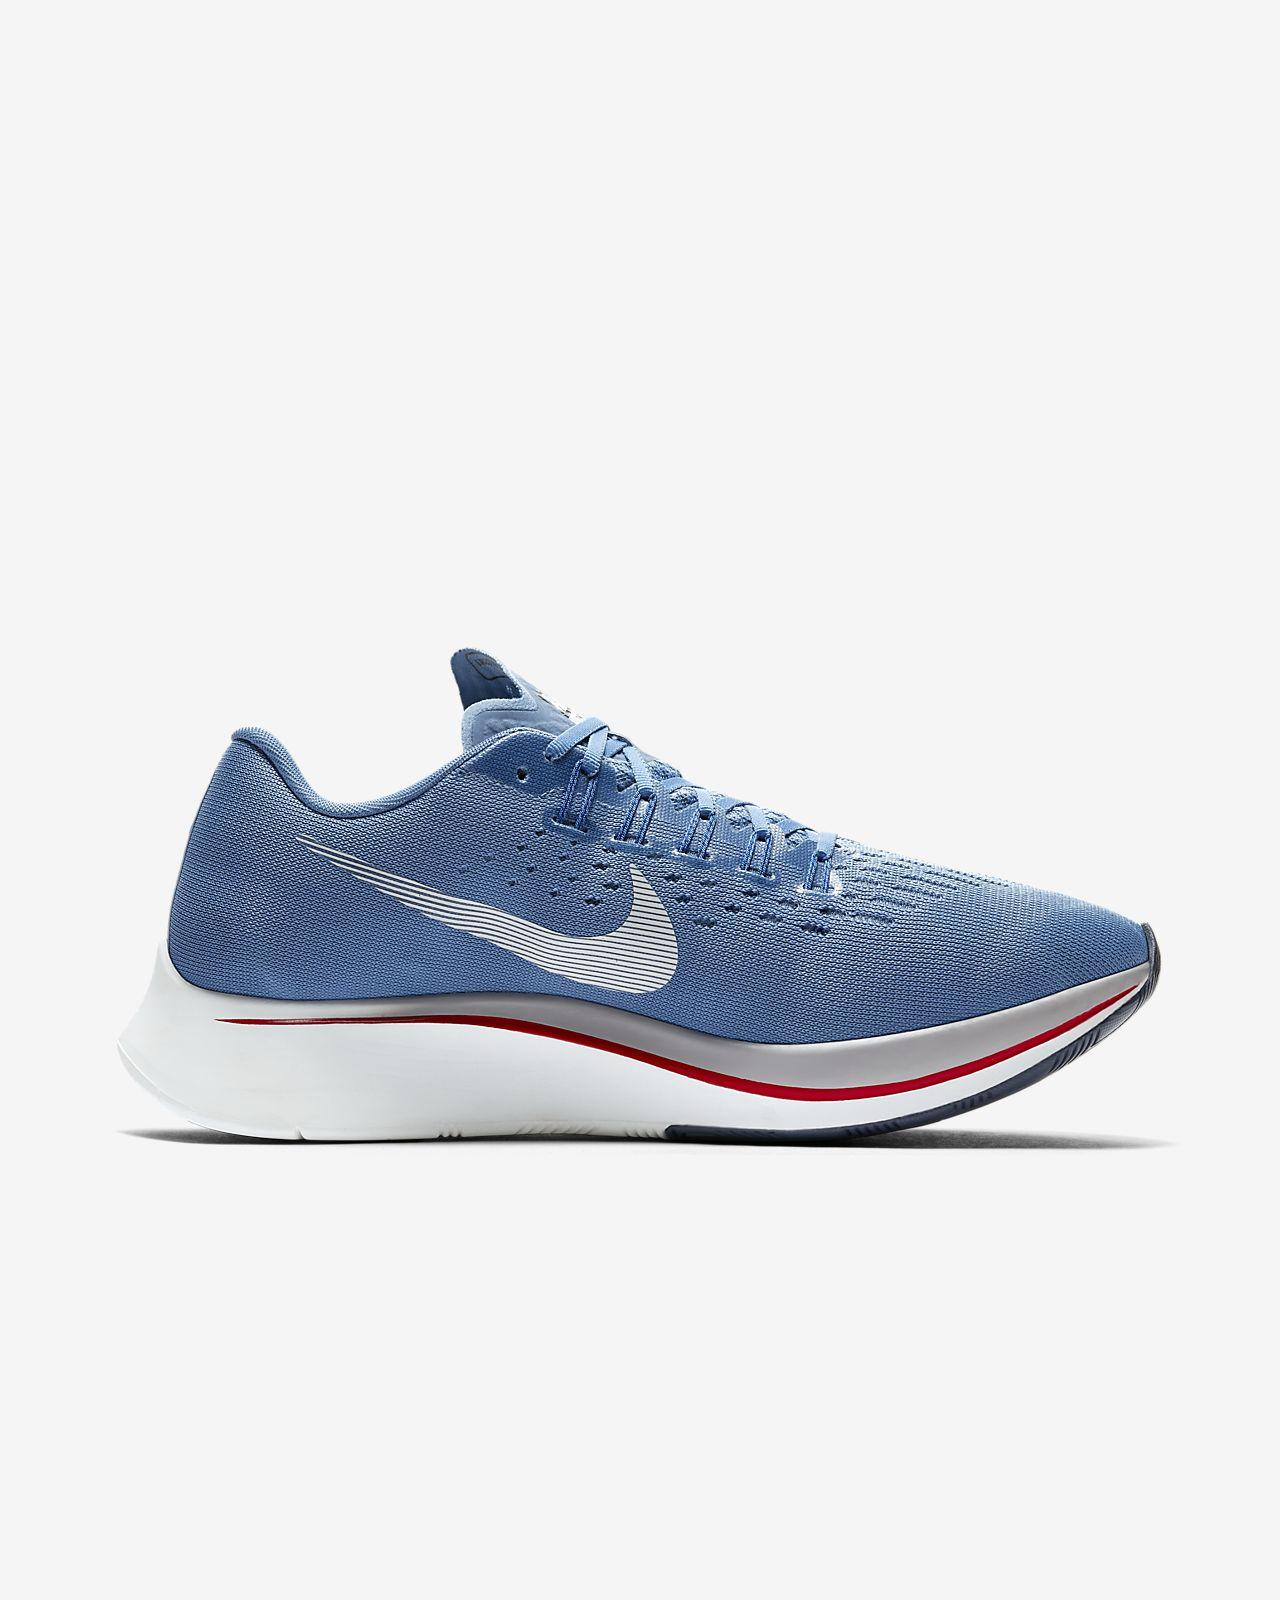 ... Nike Zoom Fly Zapatillas de running - Hombre